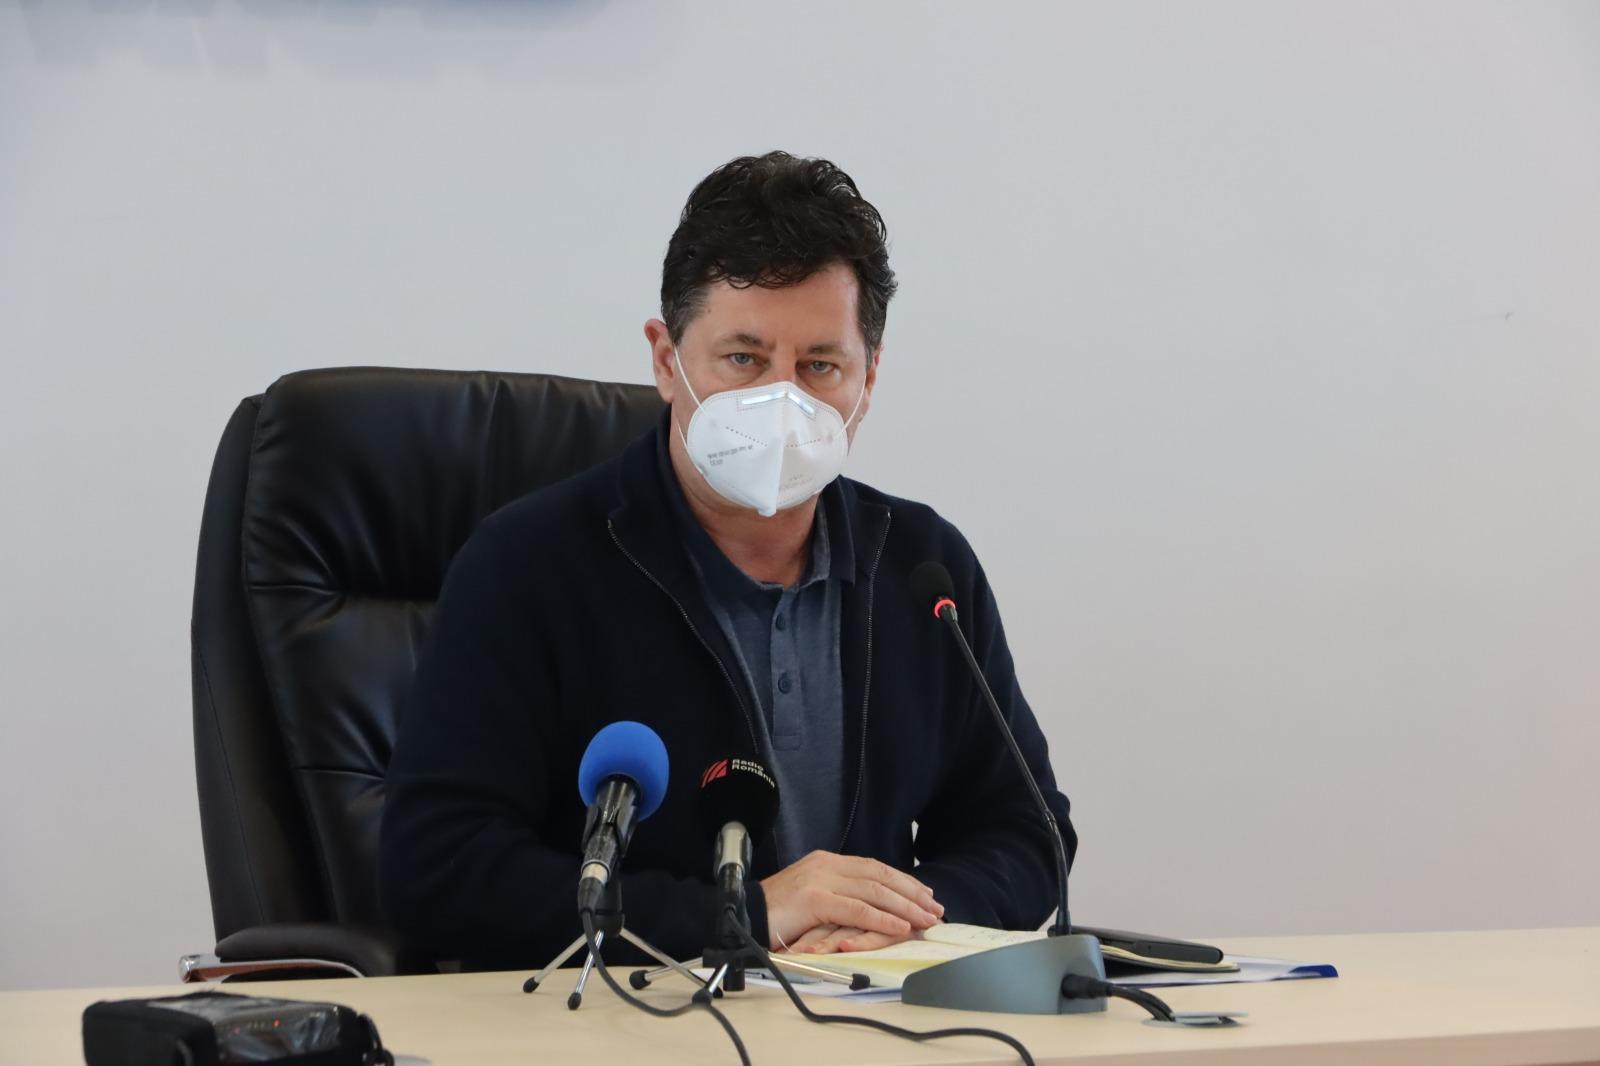 În cadrul unei coferințe de presă care a avut loc astăzi la sediul Consiliului  Județean Arad, președintele instituției, Iustin Cionca, a subliniat faptul că la ora aceasta Spitalul Clinic Județean de Urgență Arad are asigurat necesarul de materiale de protecție și medicamente pentru combaterea pandemiei Covid-19.